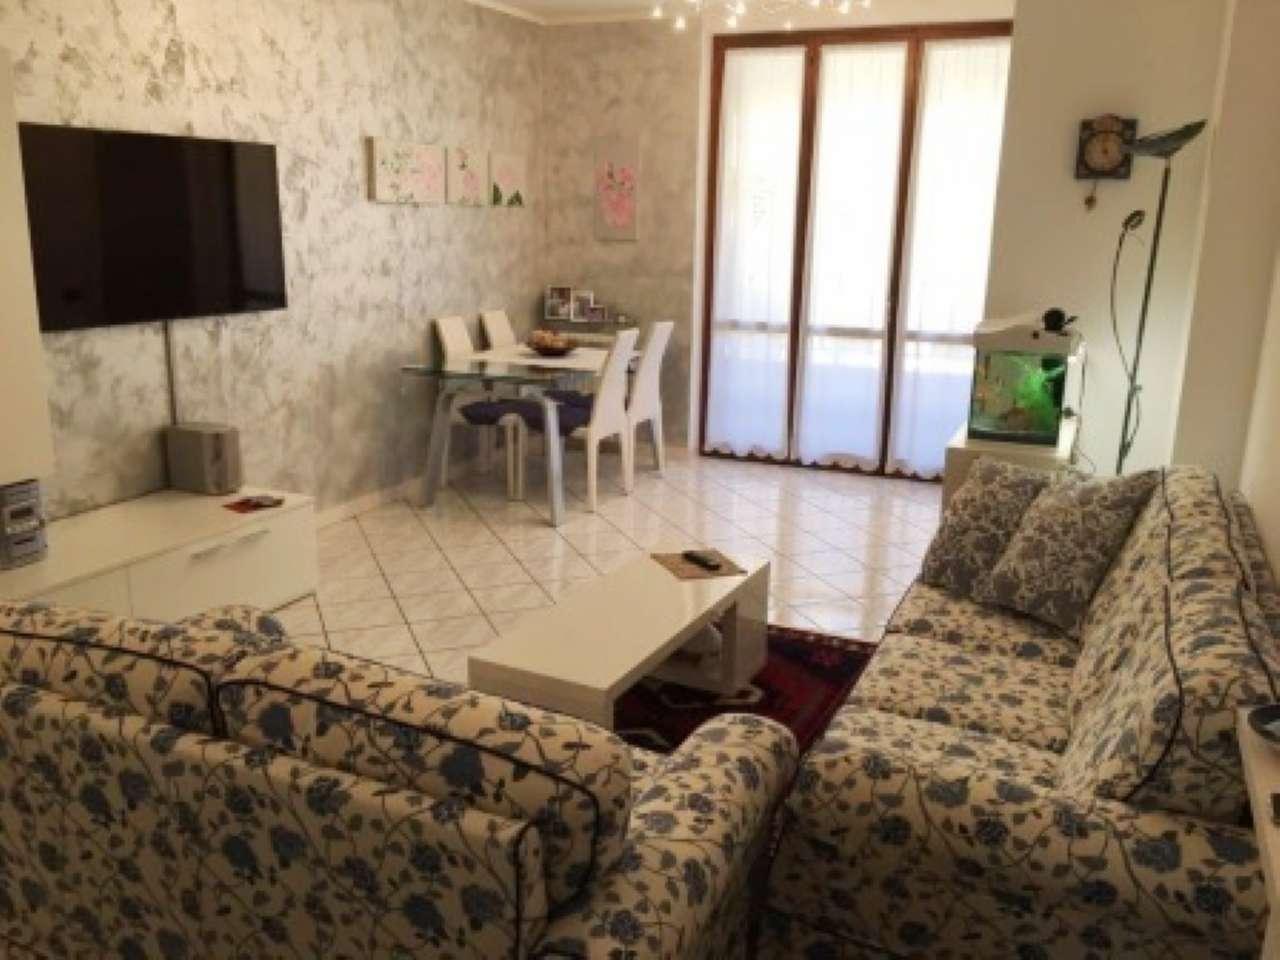 Appartamento in vendita a Mozzate, 4 locali, prezzo € 166.000 | CambioCasa.it